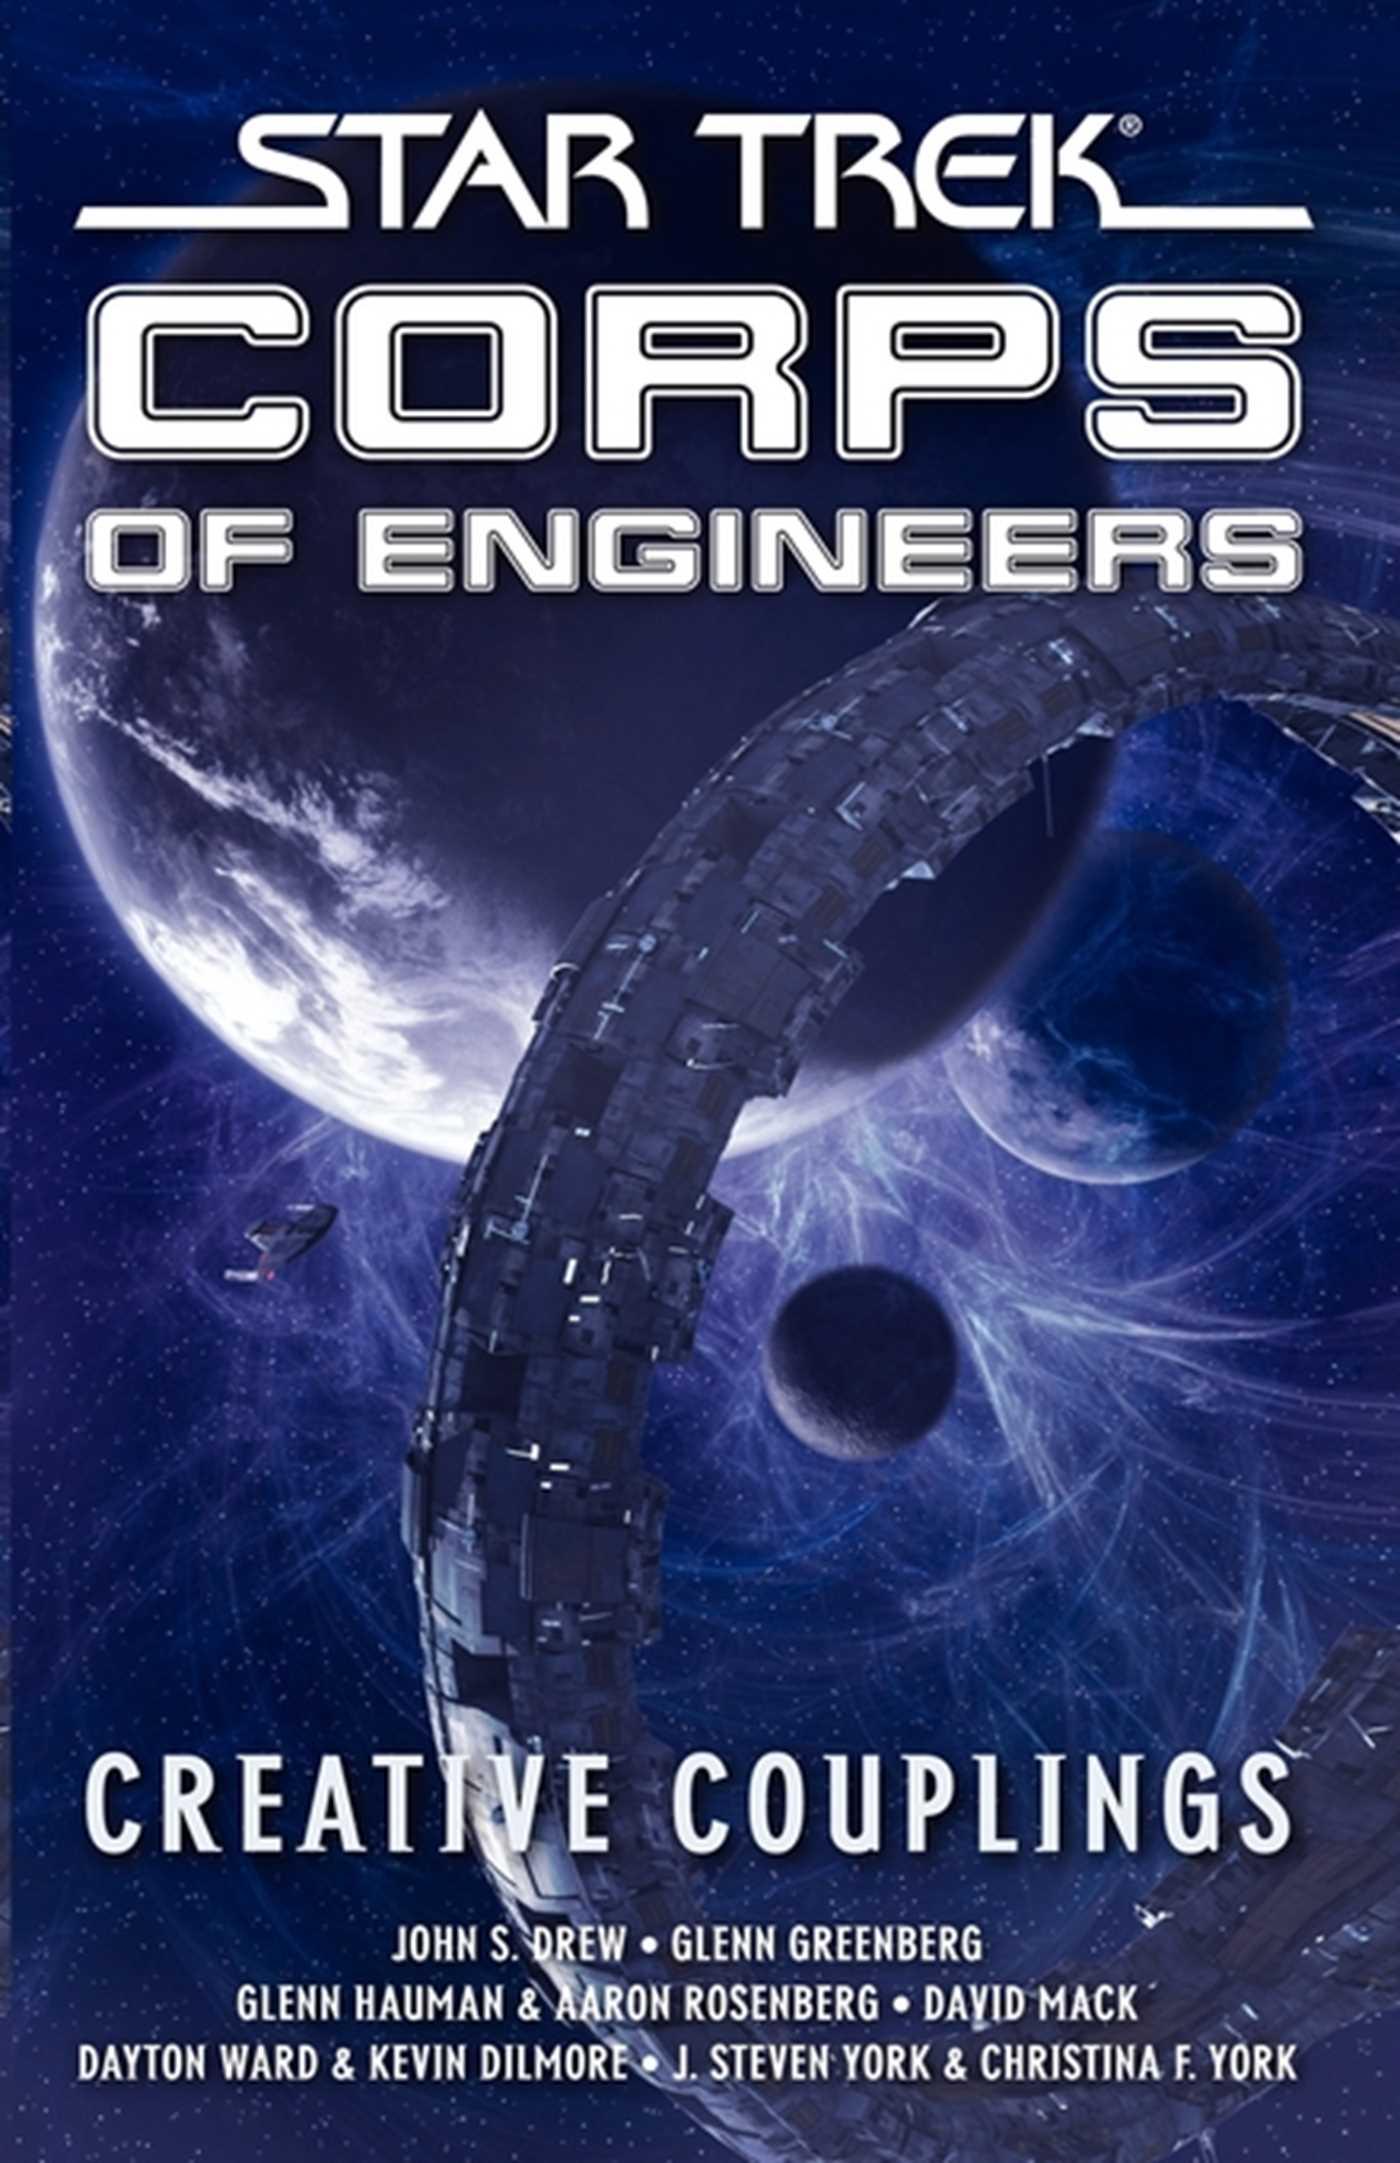 Star trek corps of engineers creative couplings 9781416554745 hr